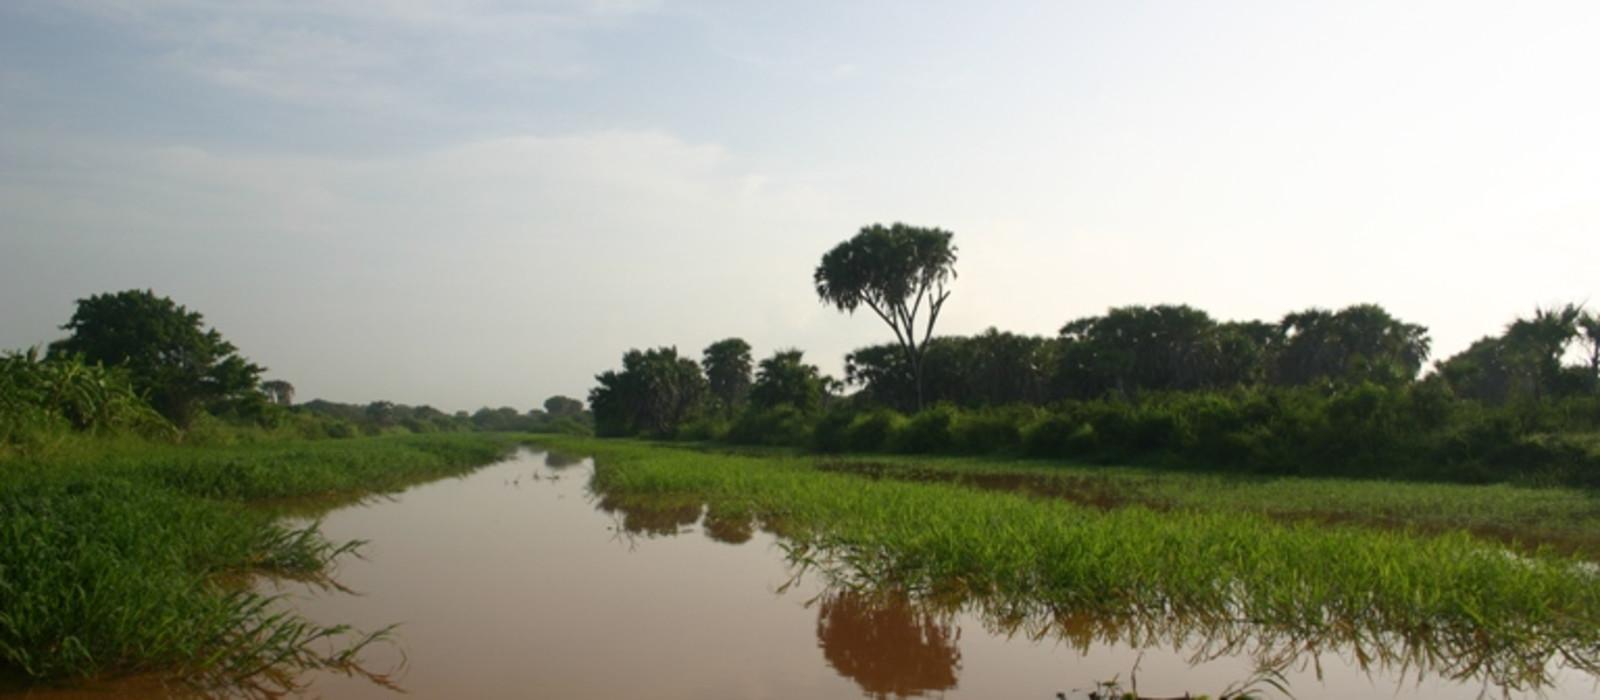 Reiseziel Tana Delta Kenia